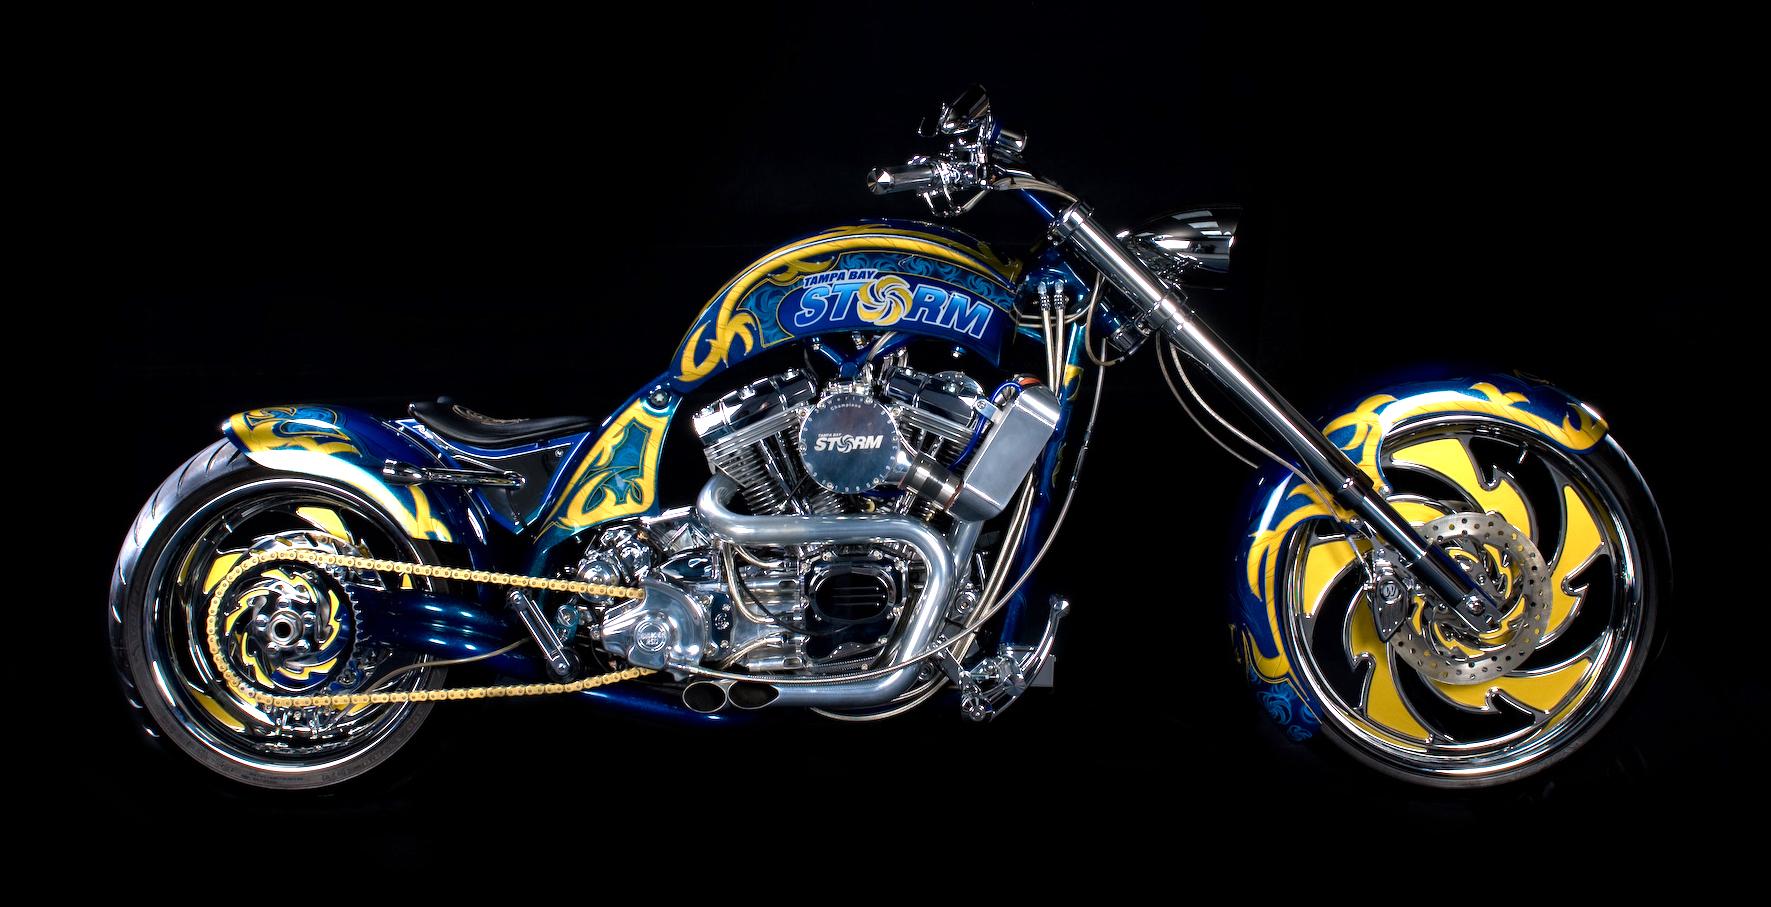 American Chopper Bike - Page 2 Storm-bike-6703